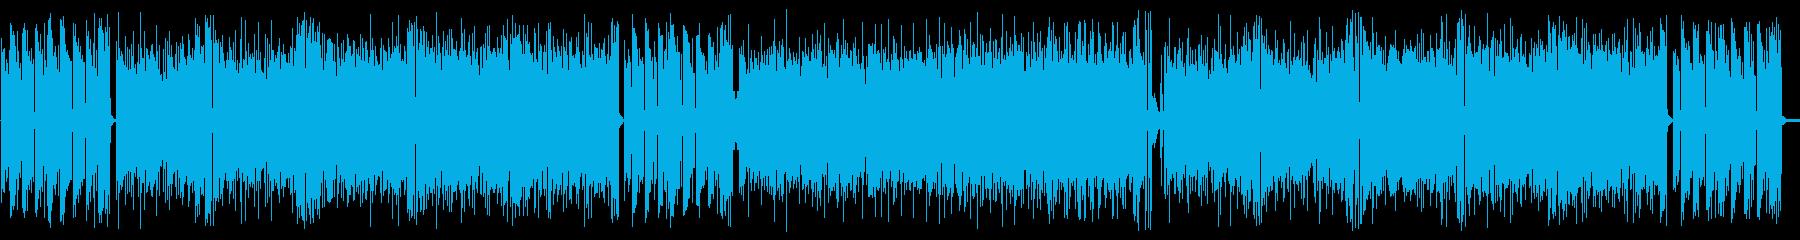 スリリングなギターフュージョンの再生済みの波形